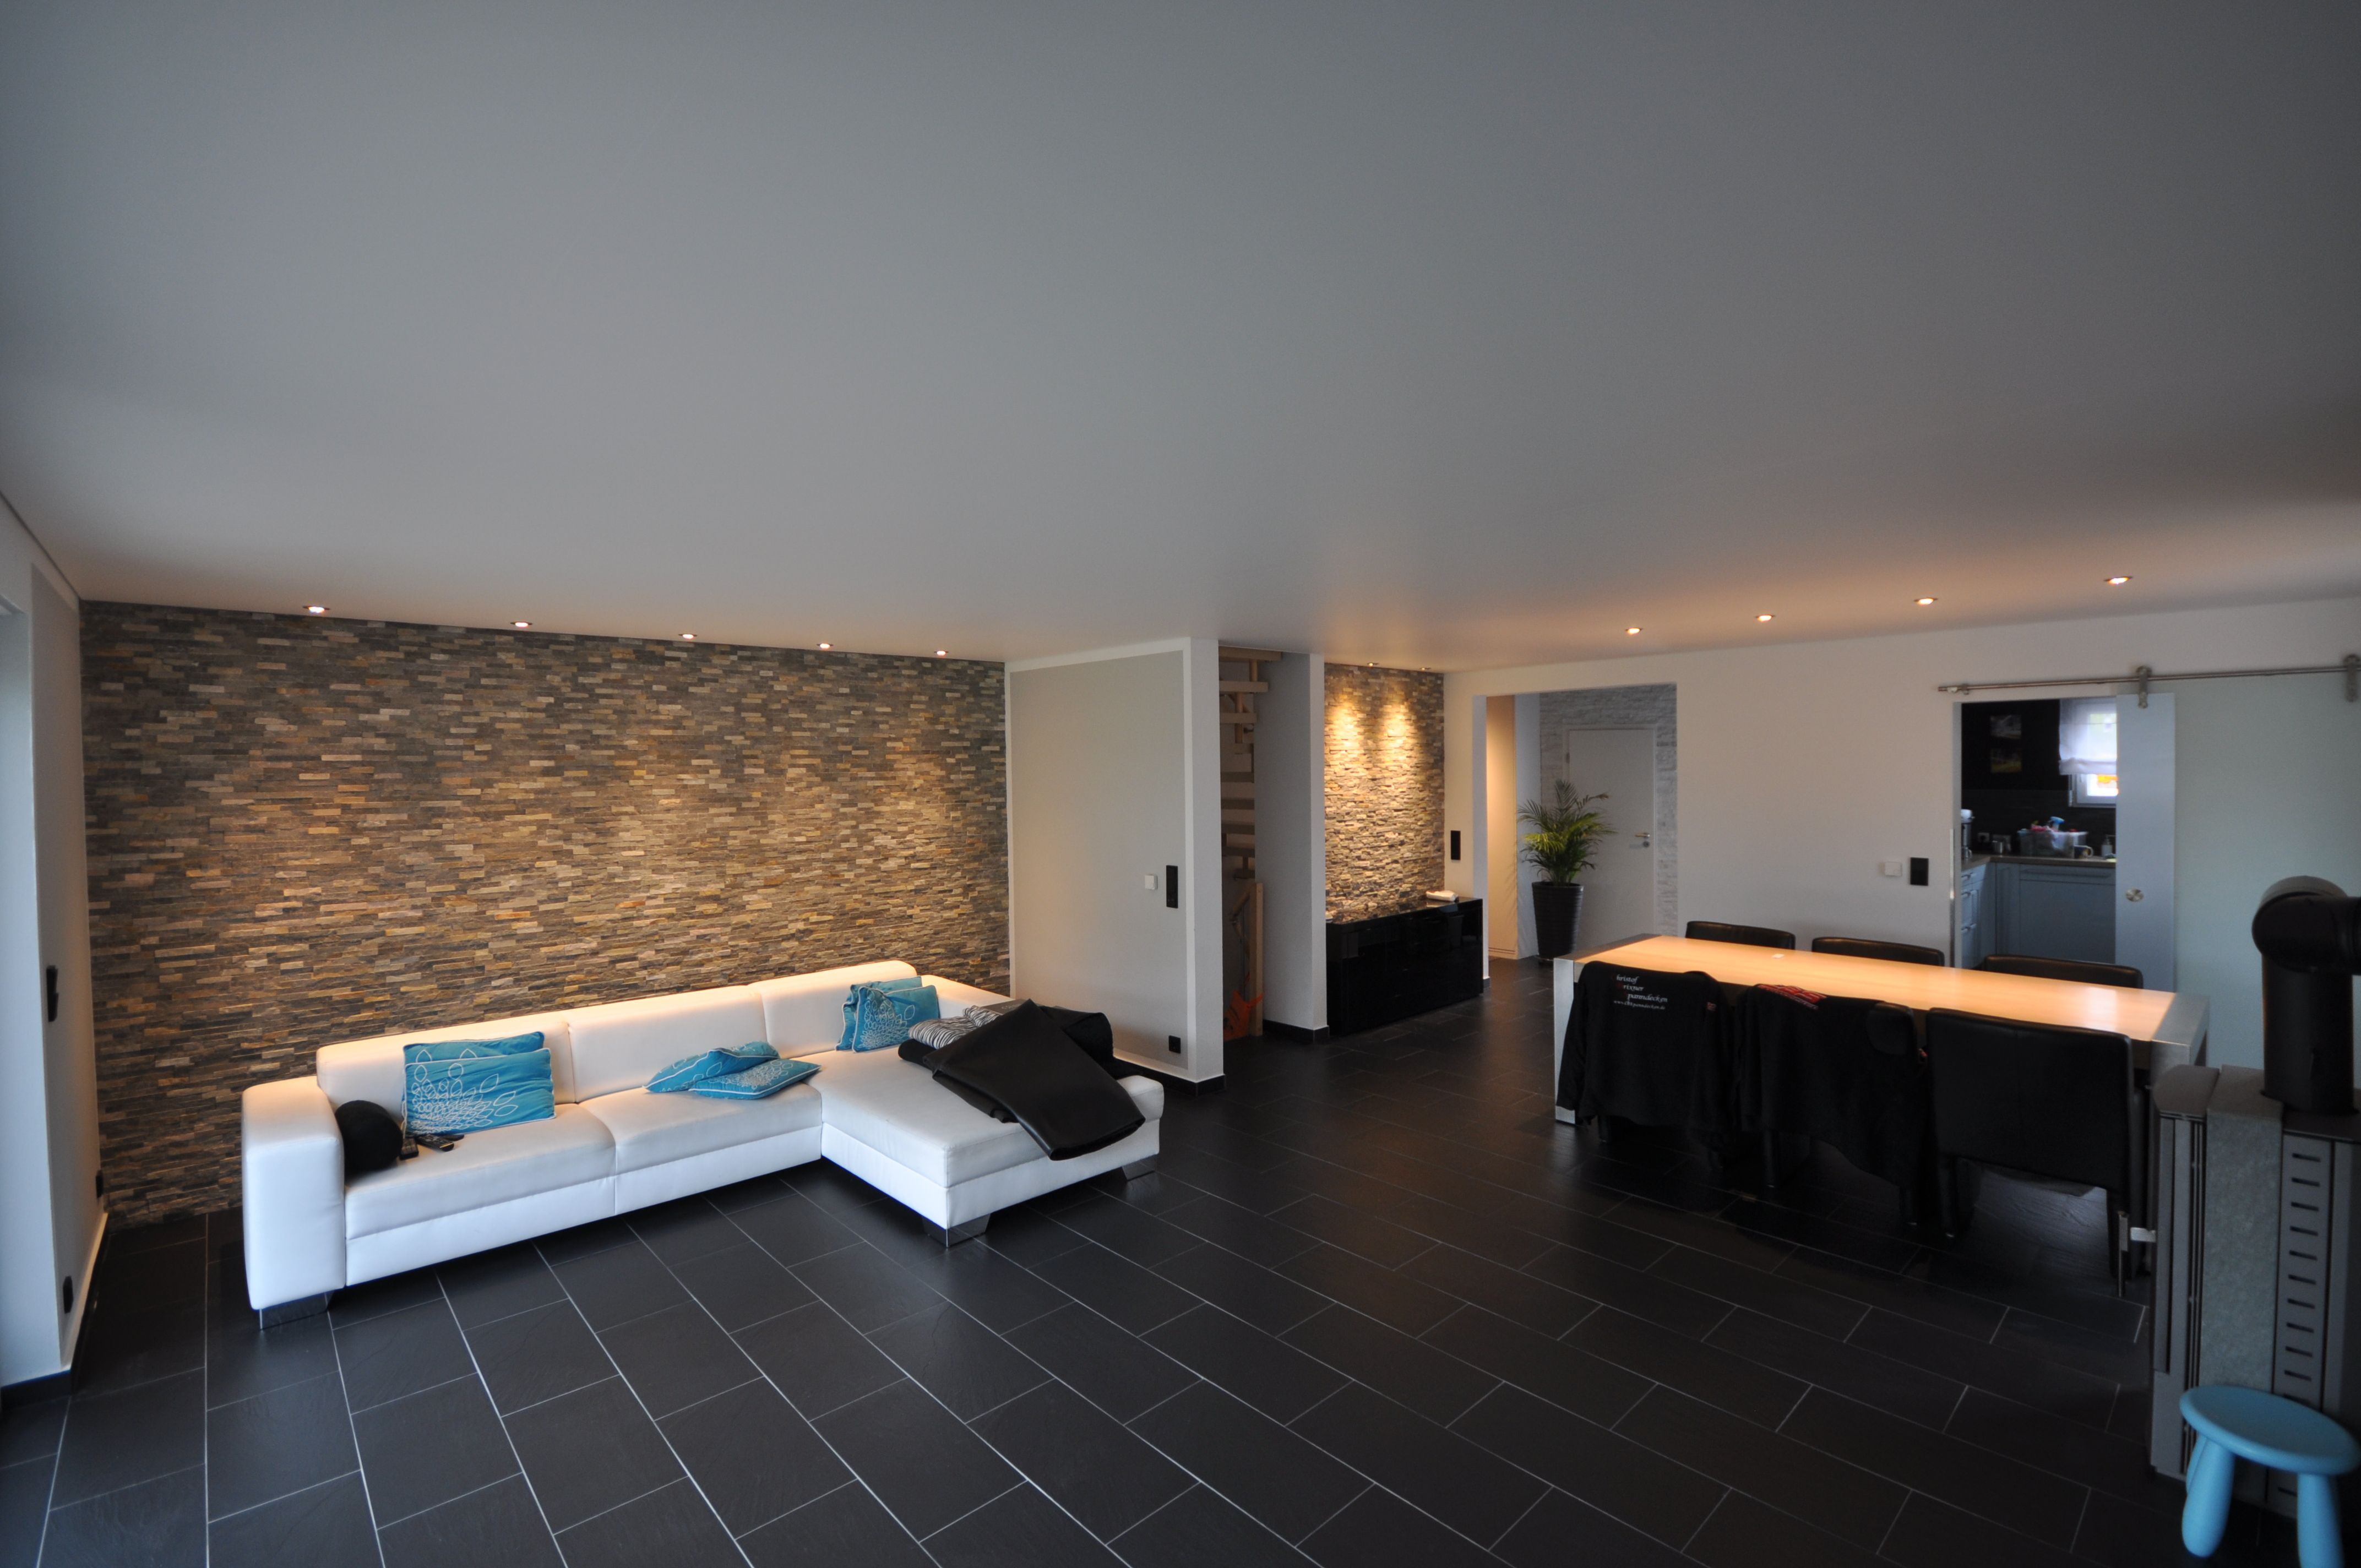 Beleuchtungskonzepte Wohnzimmer weiß matte spanndecke im wohnzimmer decke beleuchtung renovieren